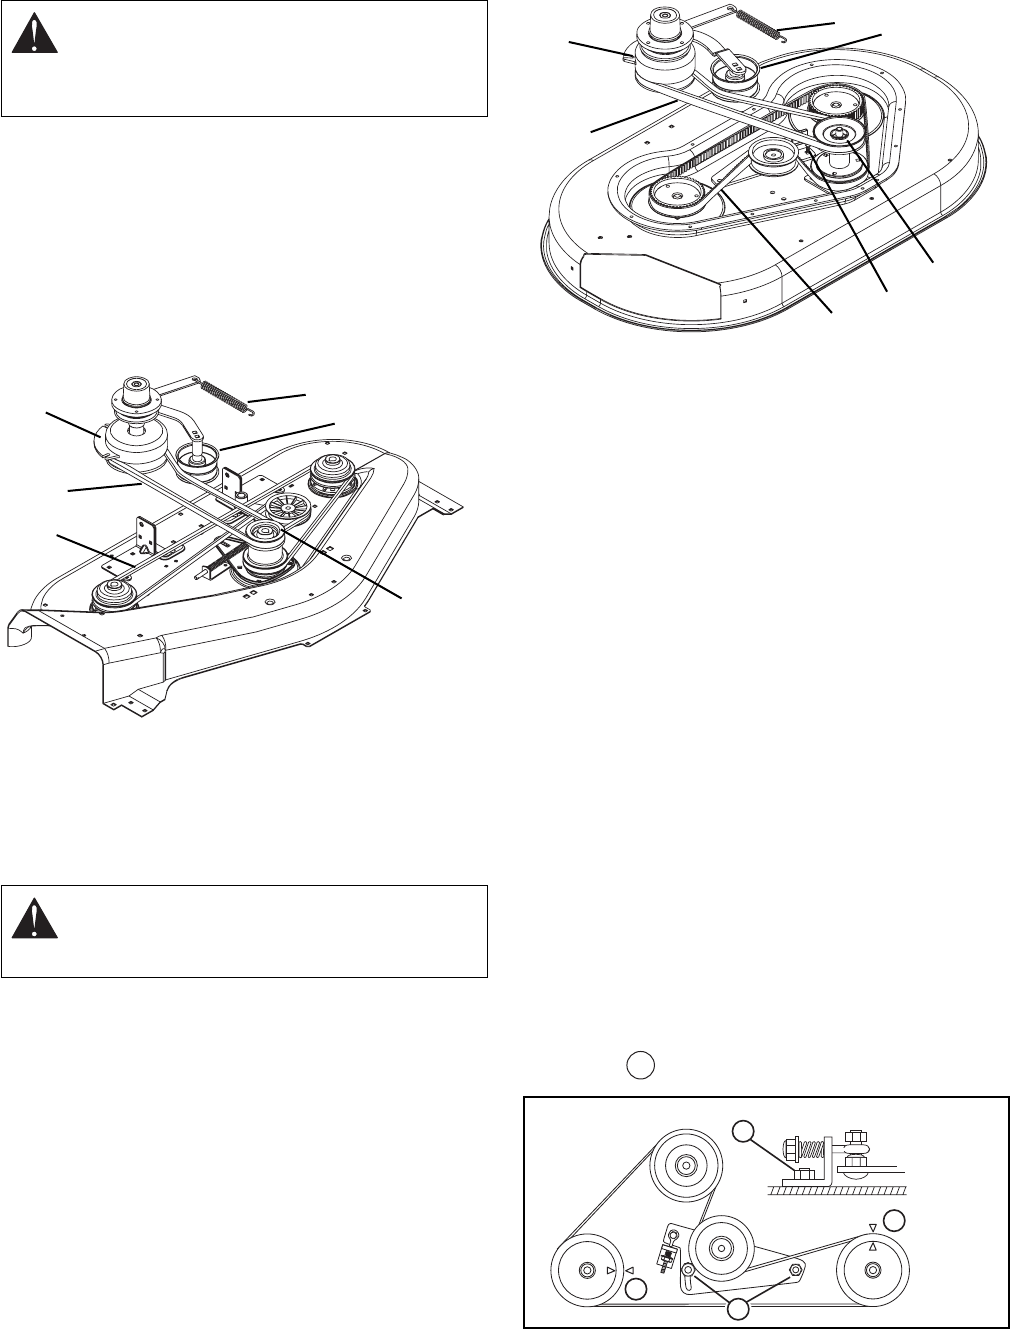 Gravely Drive Belt Diagram : gravely, drive, diagram, Gravely, Mower, 915015, 9150156, Guide, ManualsOnline.com